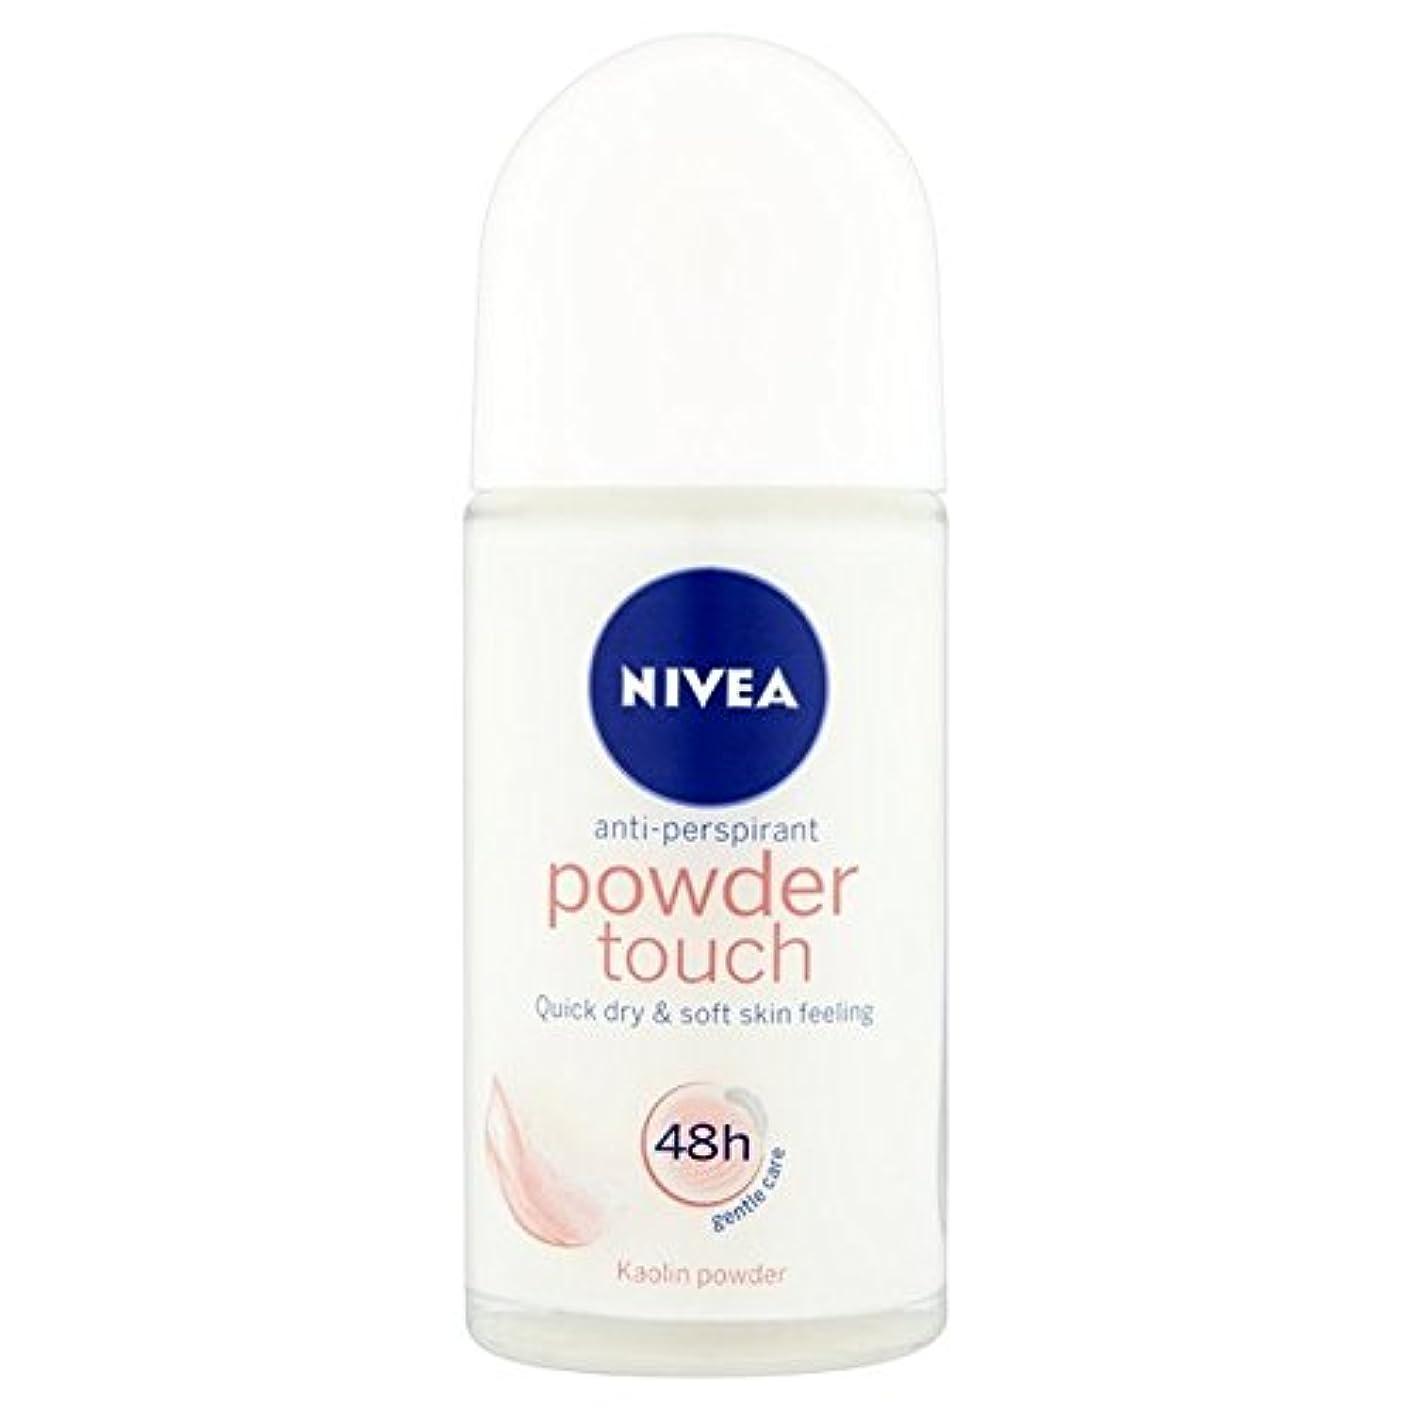 持ってる潜む親Nivea Powder Touch 48hr Roll On Anti-Perspirant Deodorant 50ml - 制汗デオドラント50ミリリットルのニベアパウダータッチ48時間ロール [並行輸入品]